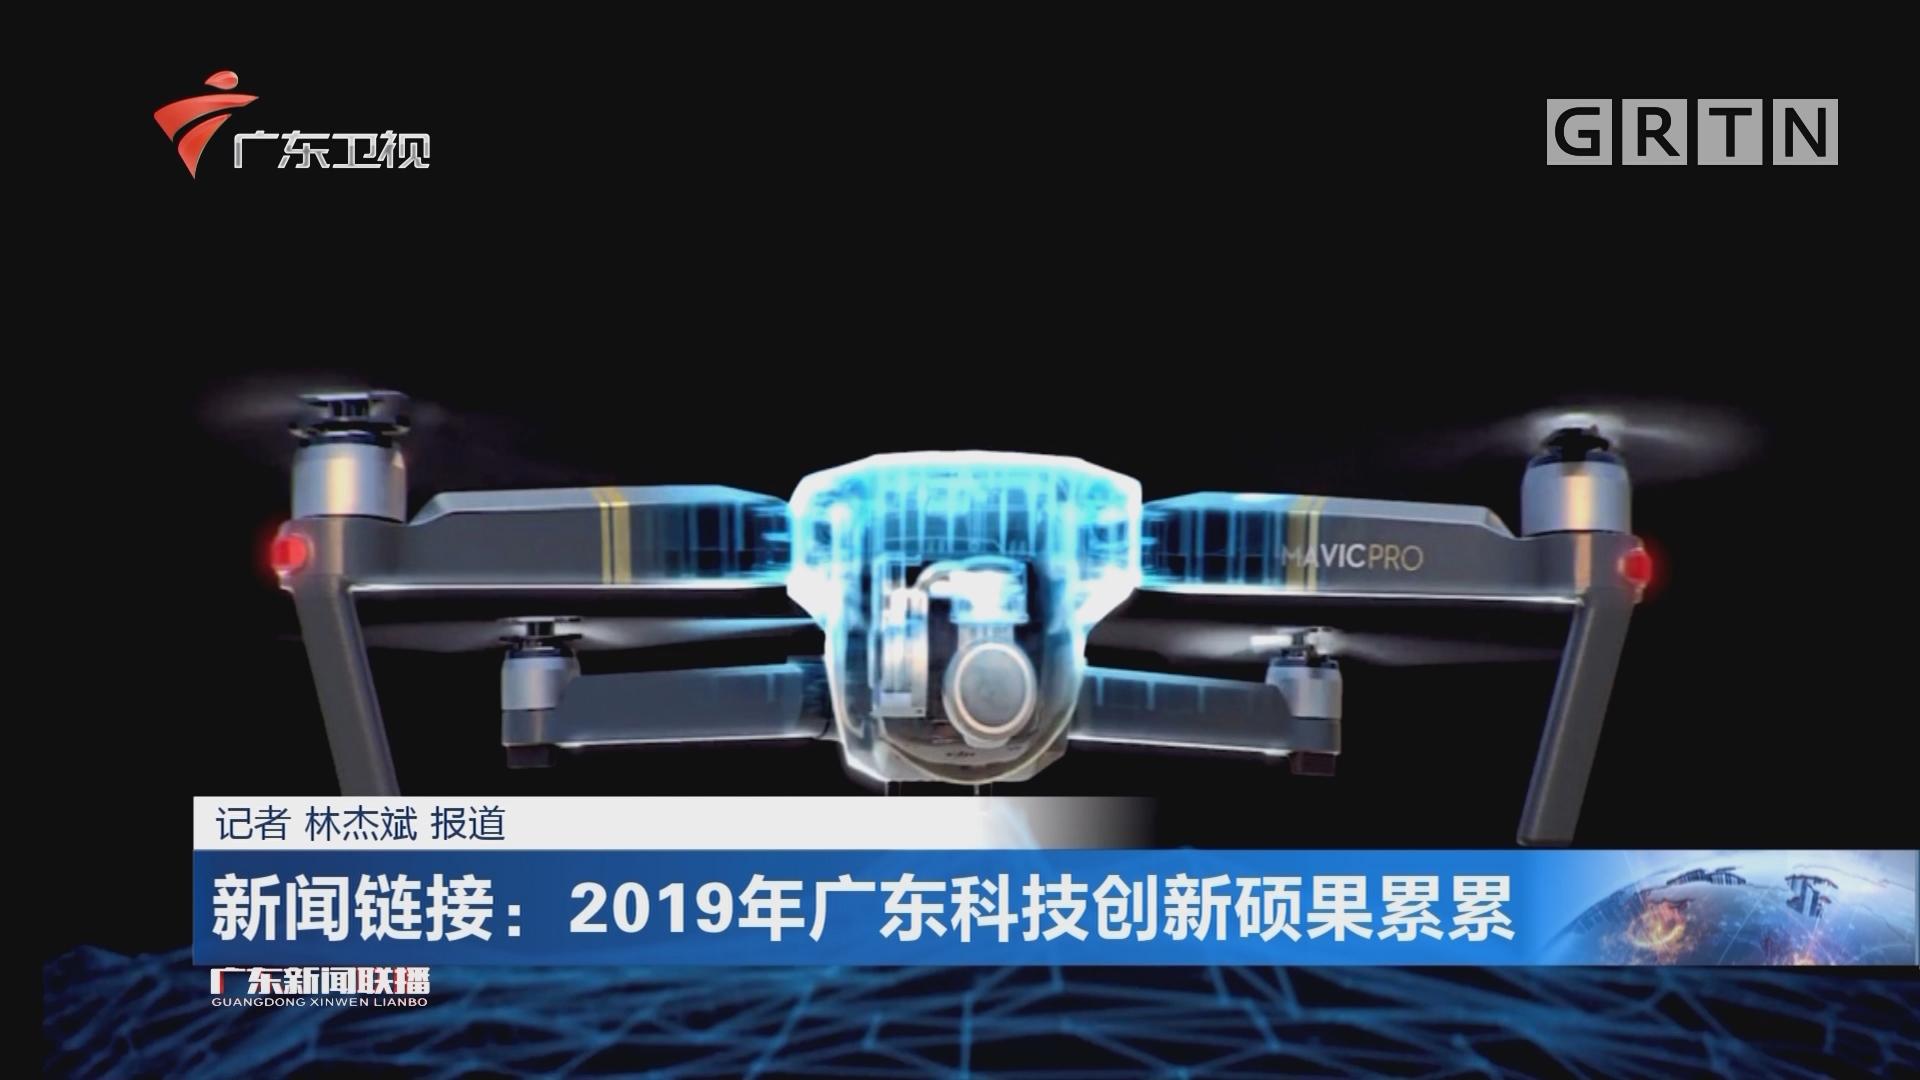 新闻链接:2019年广东科技创新硕果累累